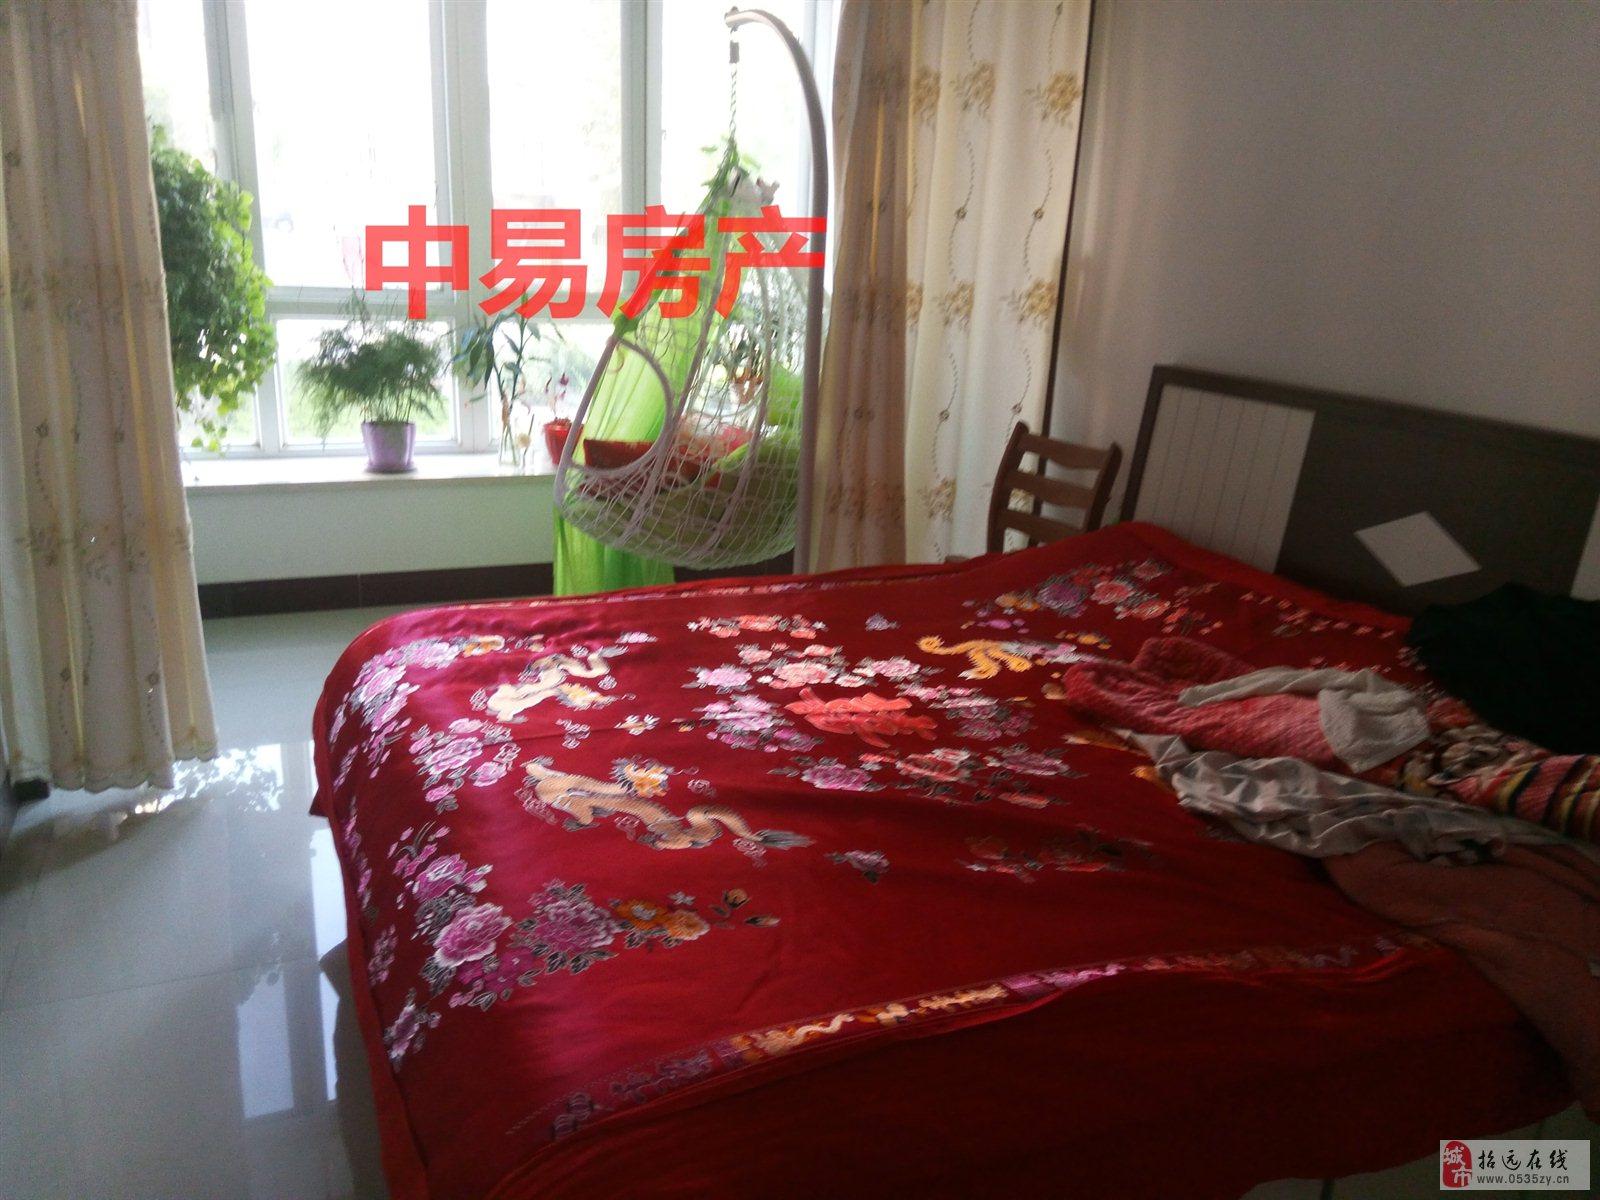 9876招远出售怡和苑1楼,84平米白色精装带草屋